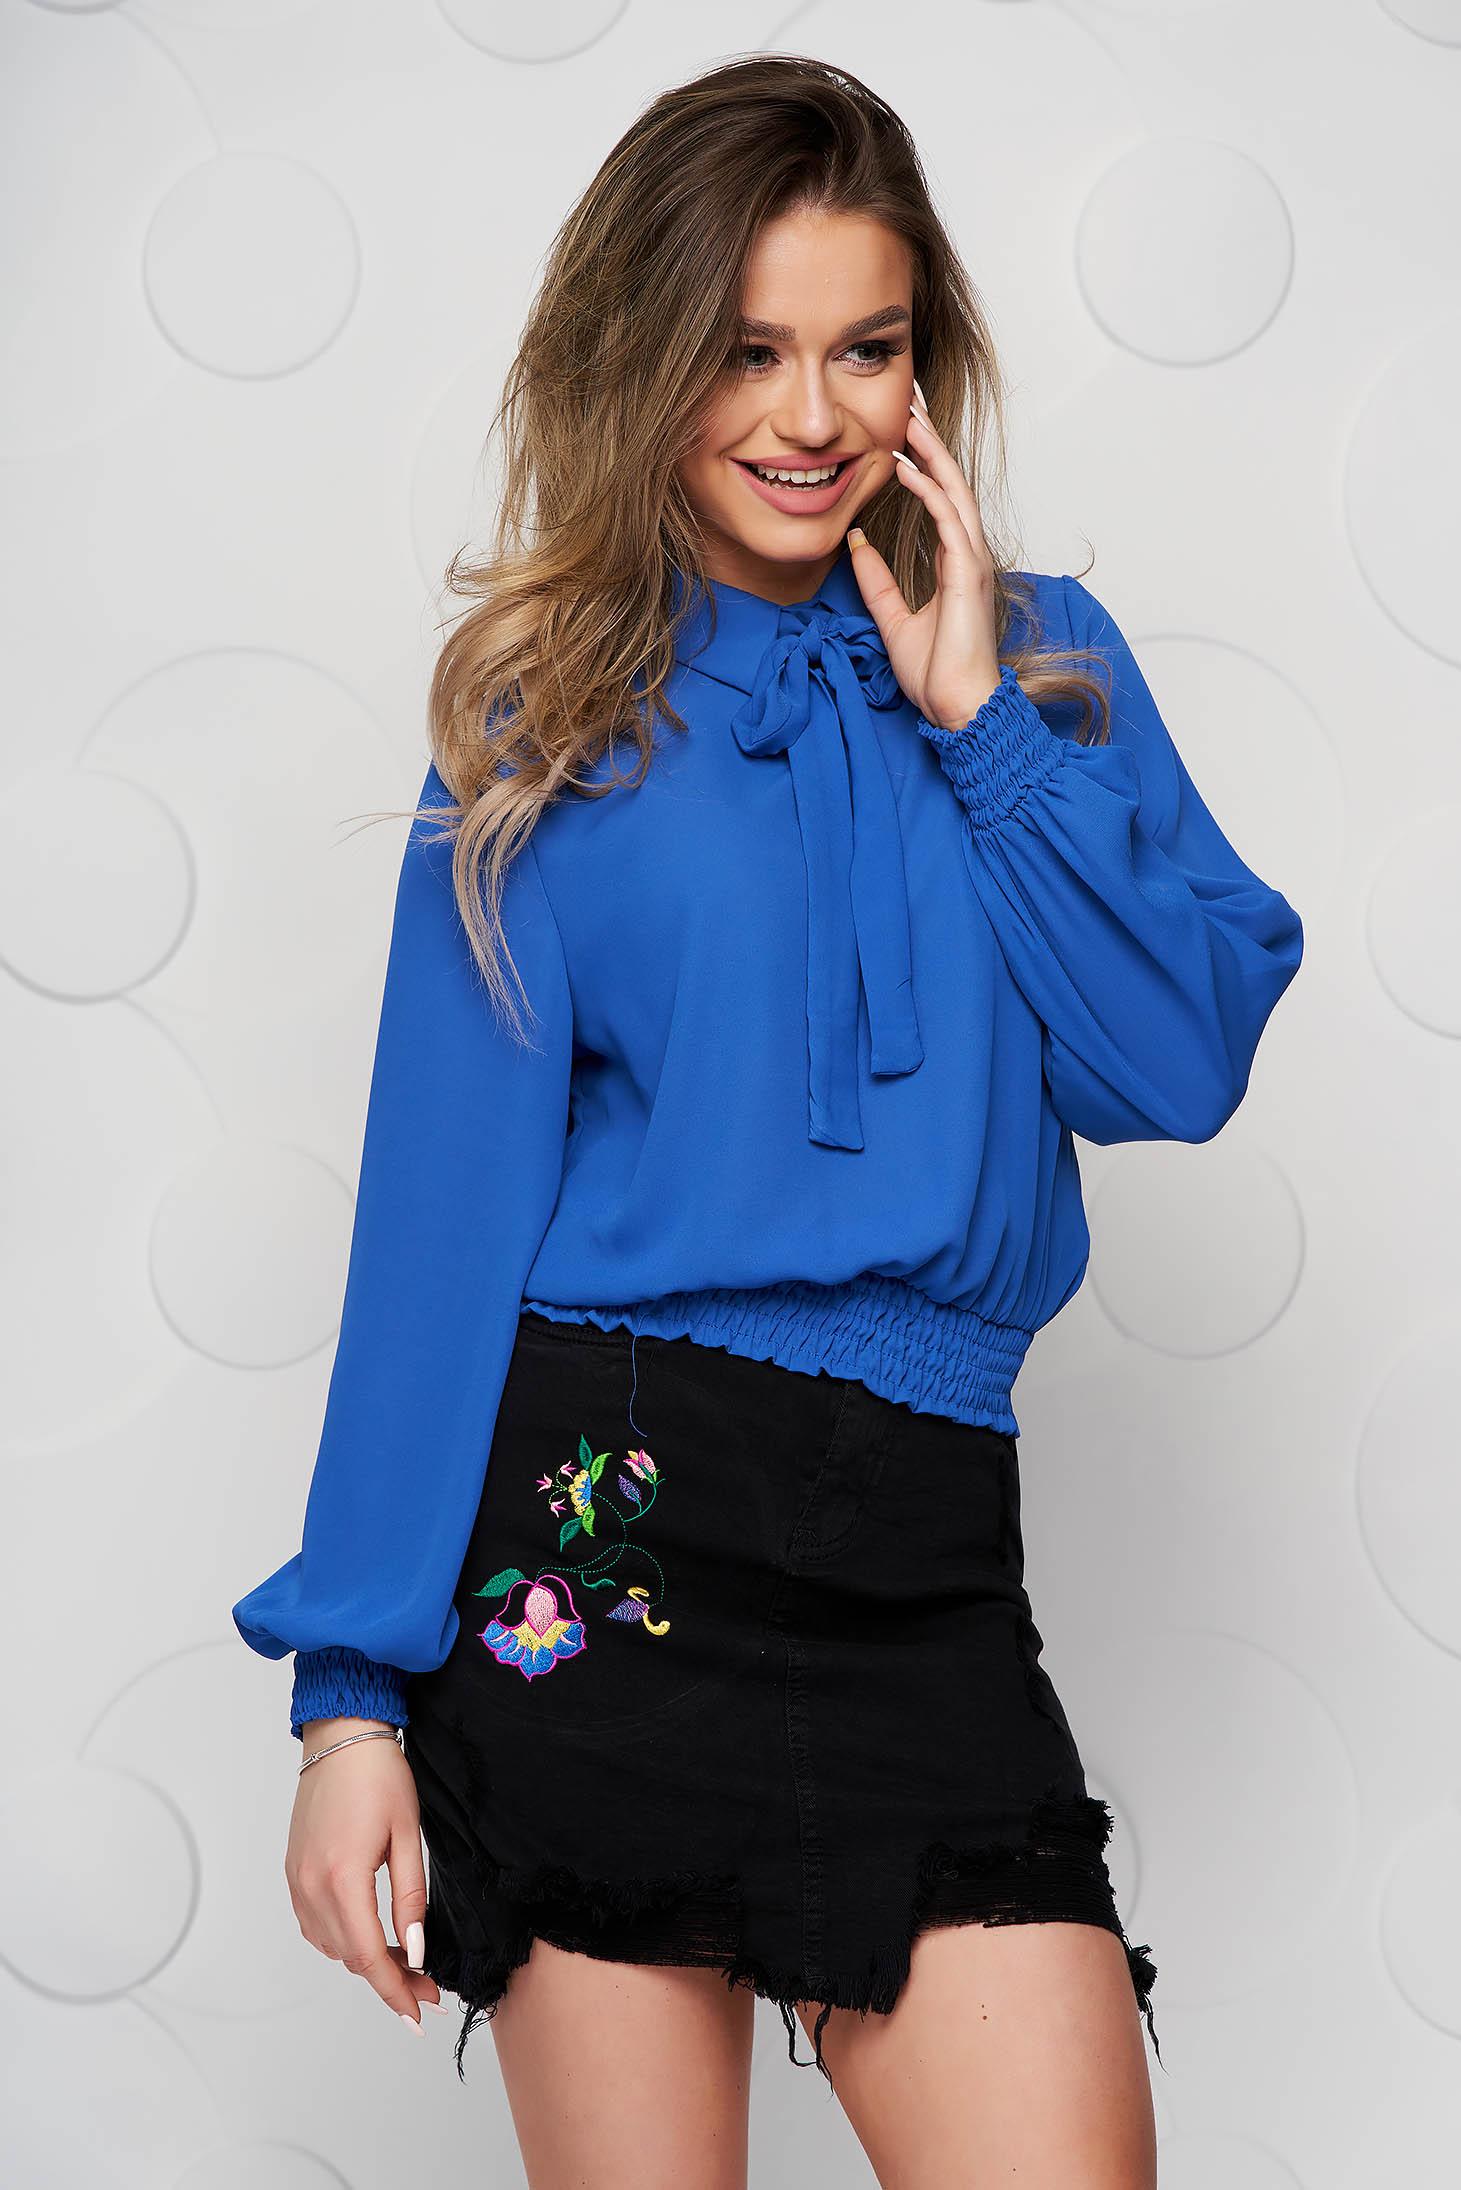 Bluza dama SunShine albastra din voal cu elastic in talie si guler tip esarfa